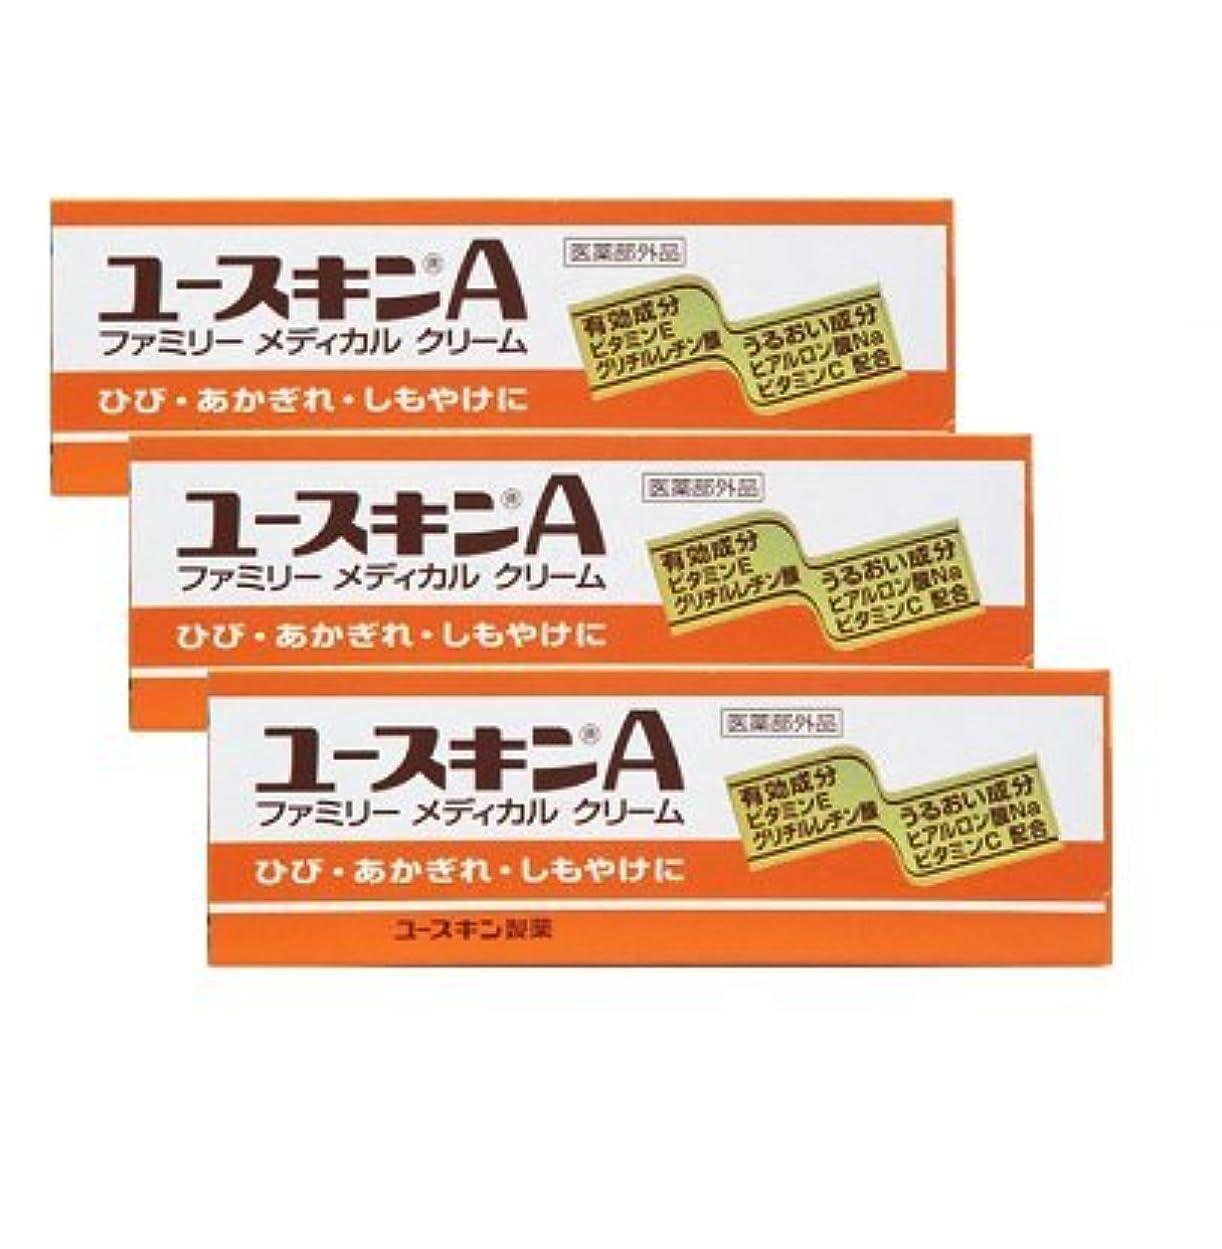 る鼻固有の【指定医薬部外品】ユースキンAチューブ 30g【3個セット】